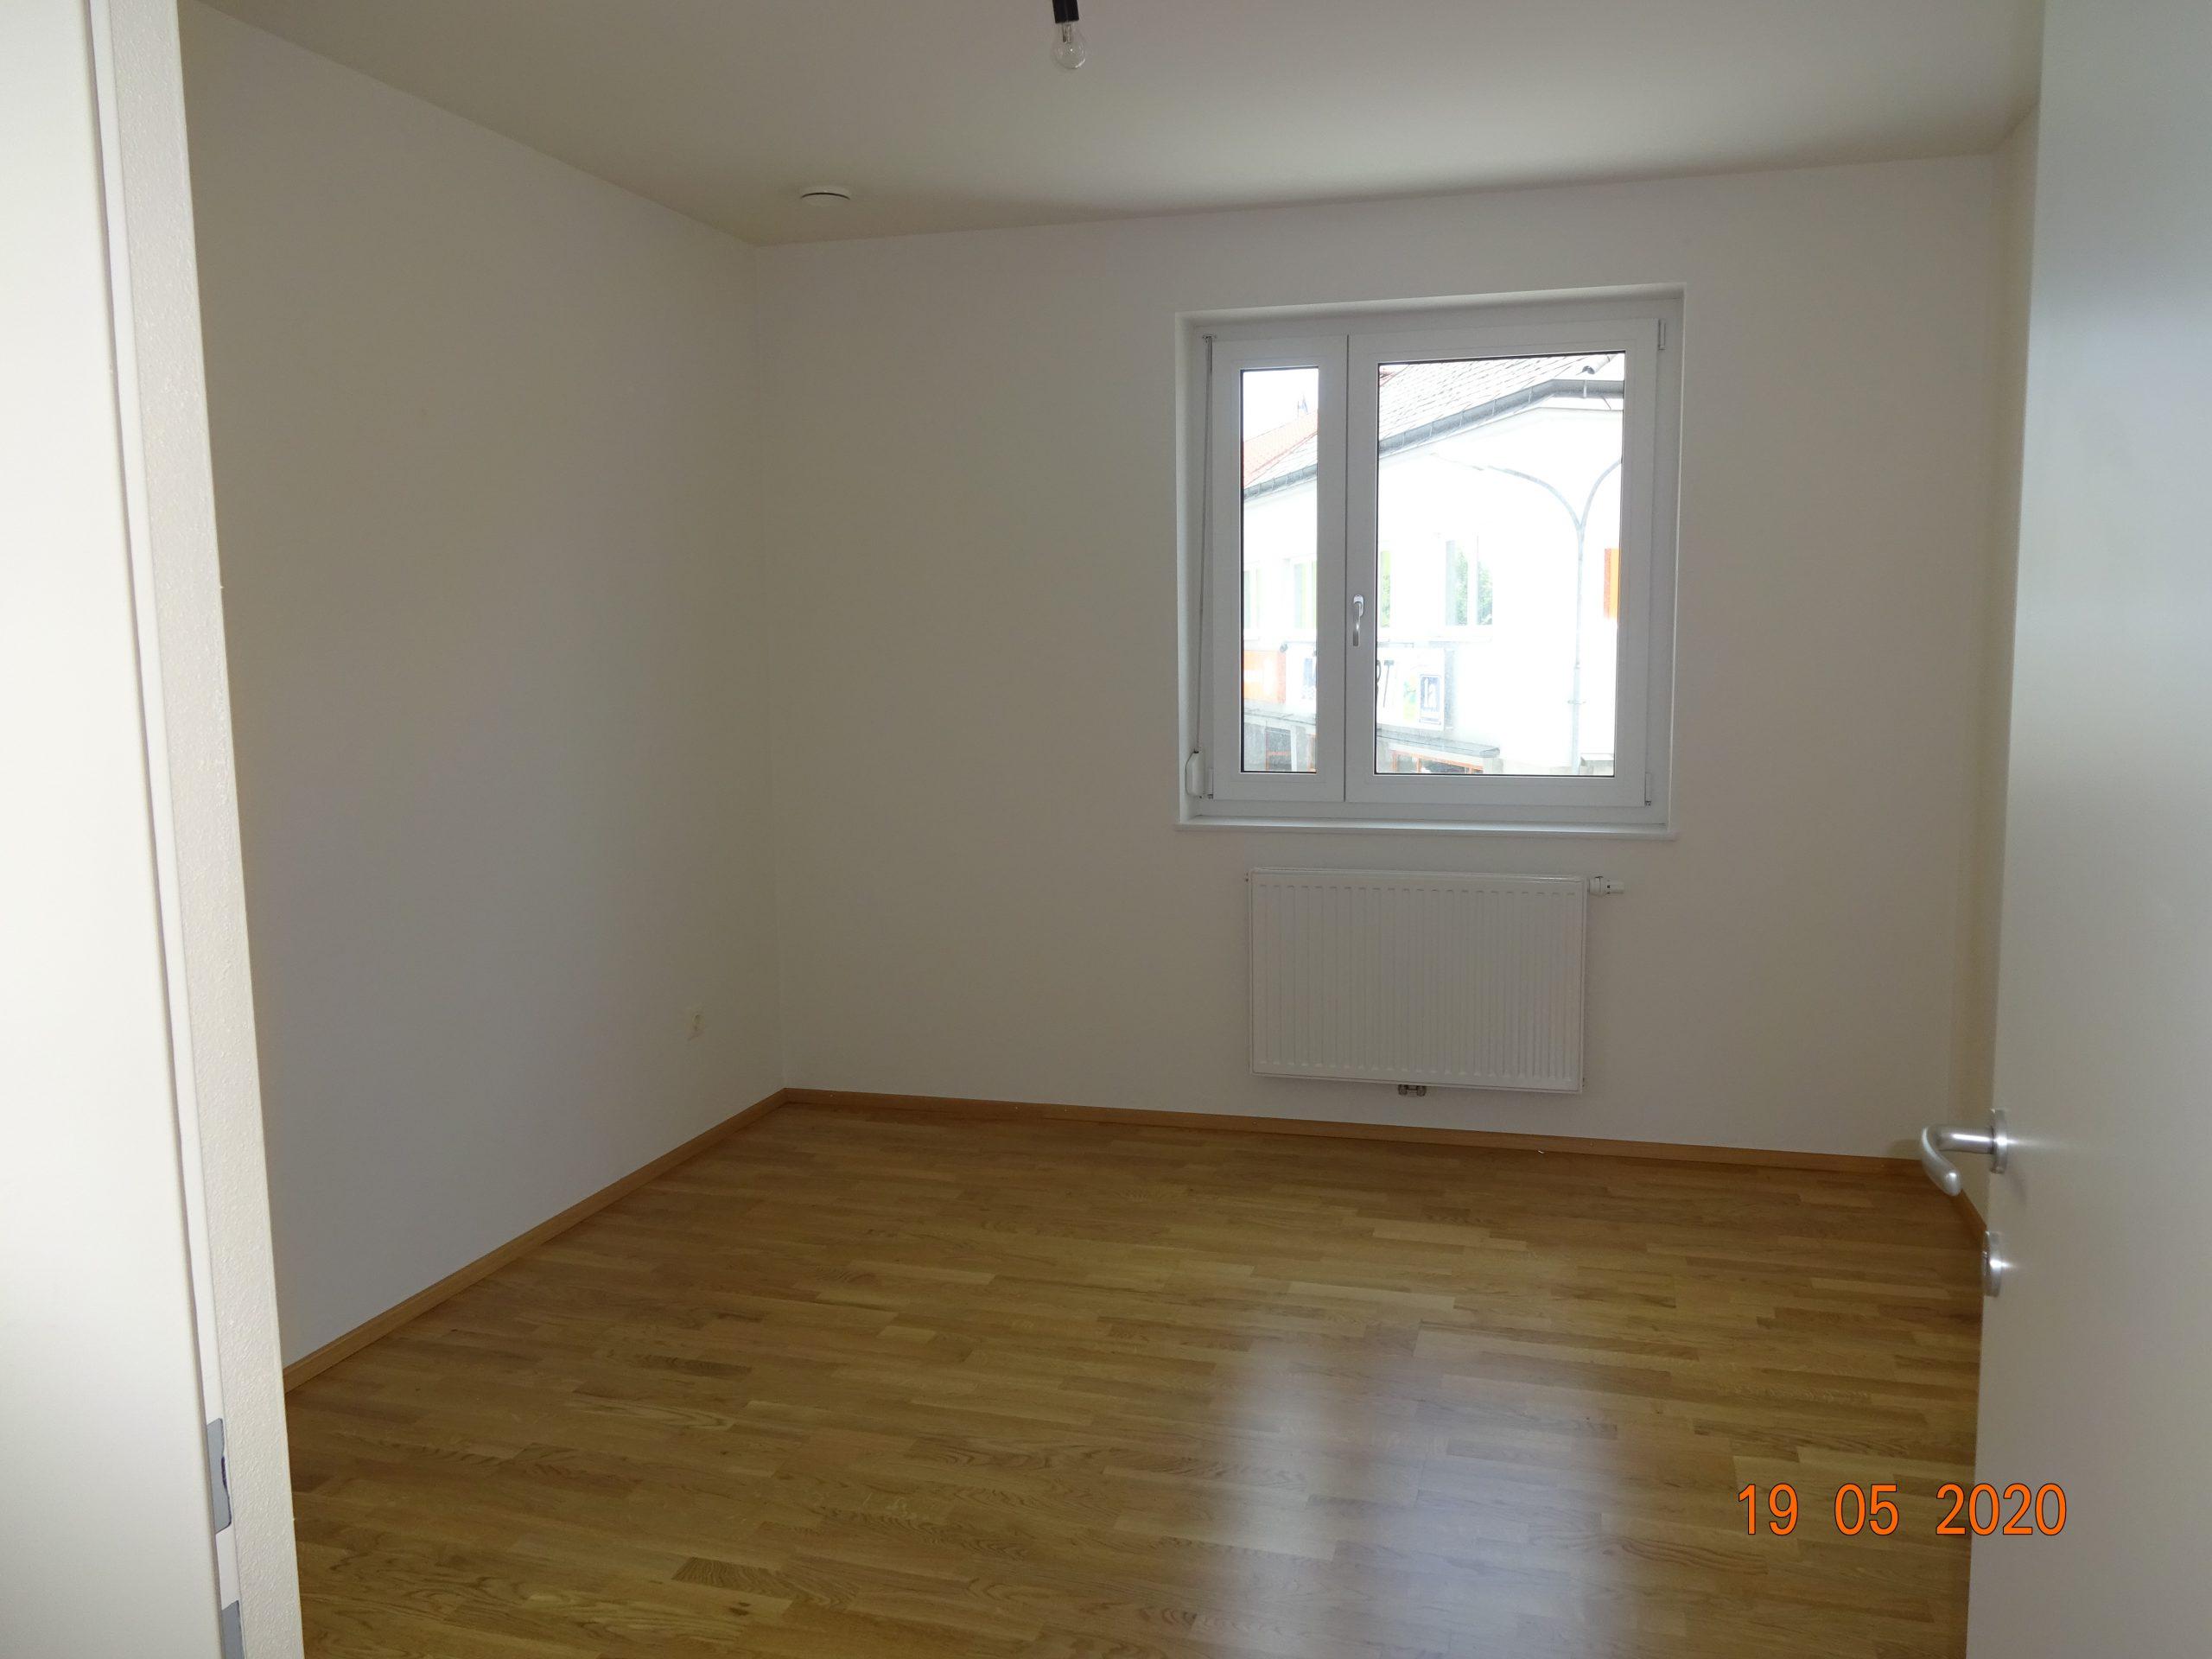 Immobilie von Kamptal in 3920 Groß Gerungs, Zwettl, Gr. Gerungs IV/1 - Top 104 #6